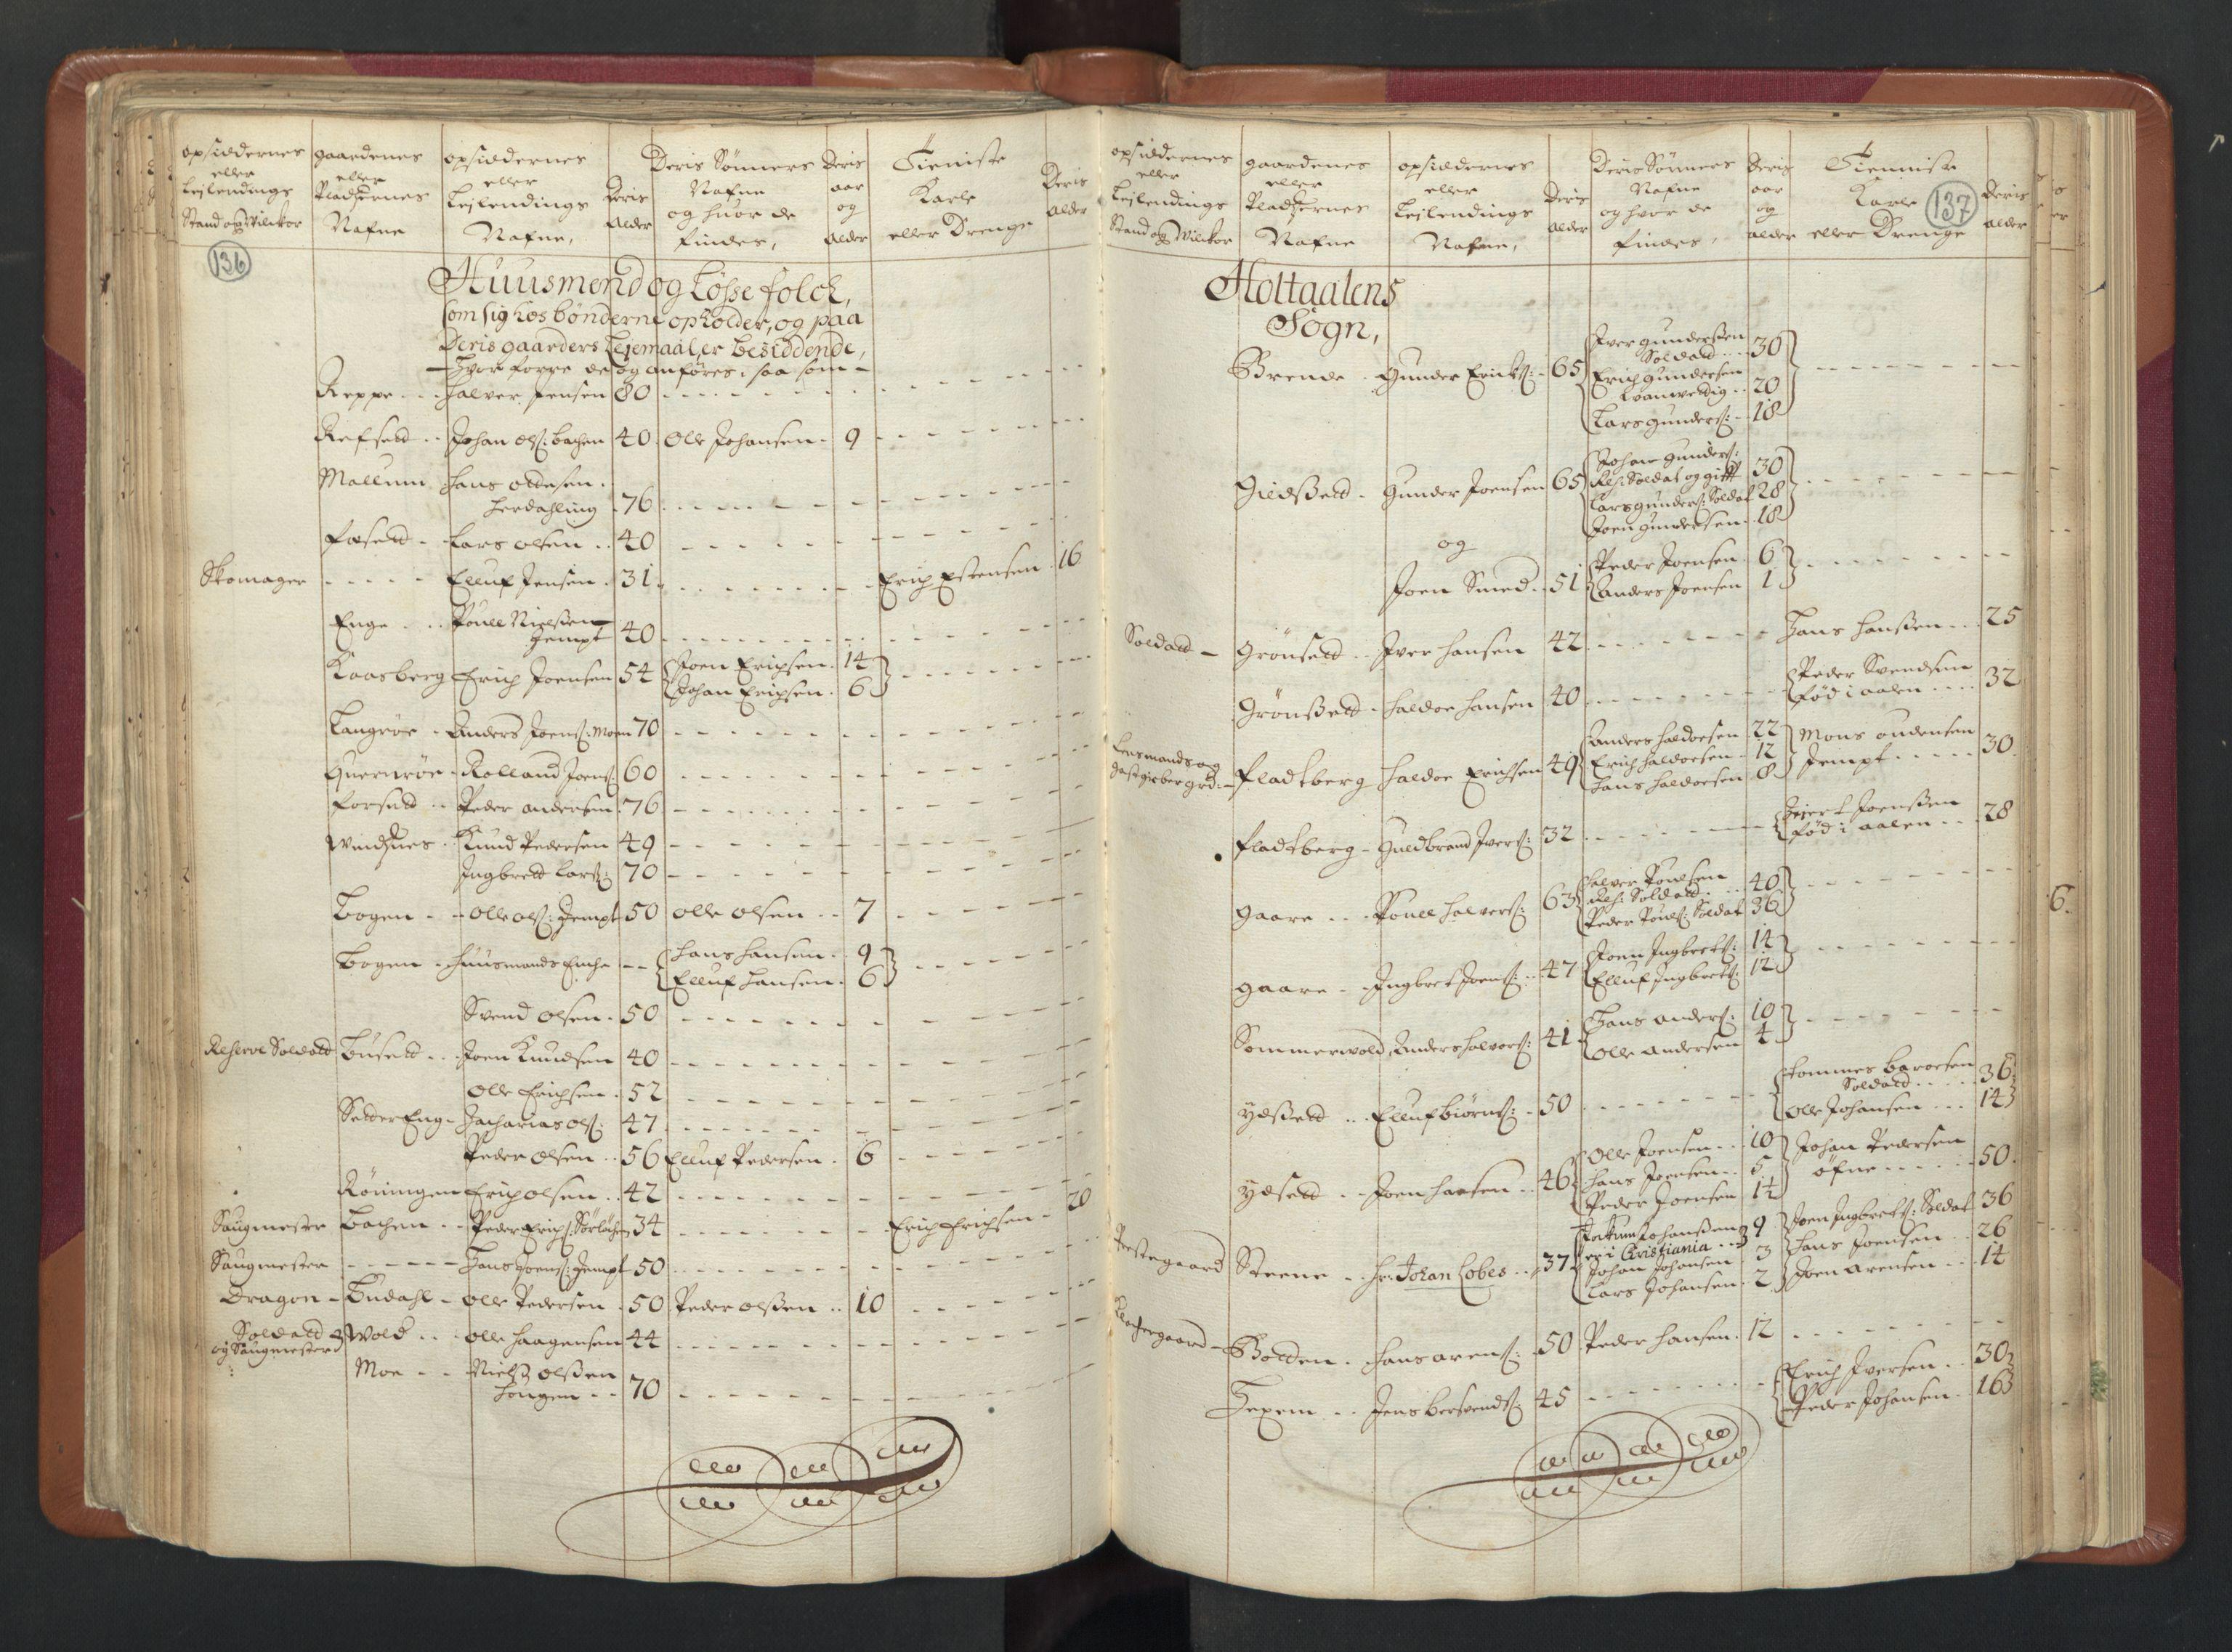 RA, Manntallet 1701, nr. 13: Orkdal fogderi og Gauldal fogderi med Røros kobberverk, 1701, s. 136-137